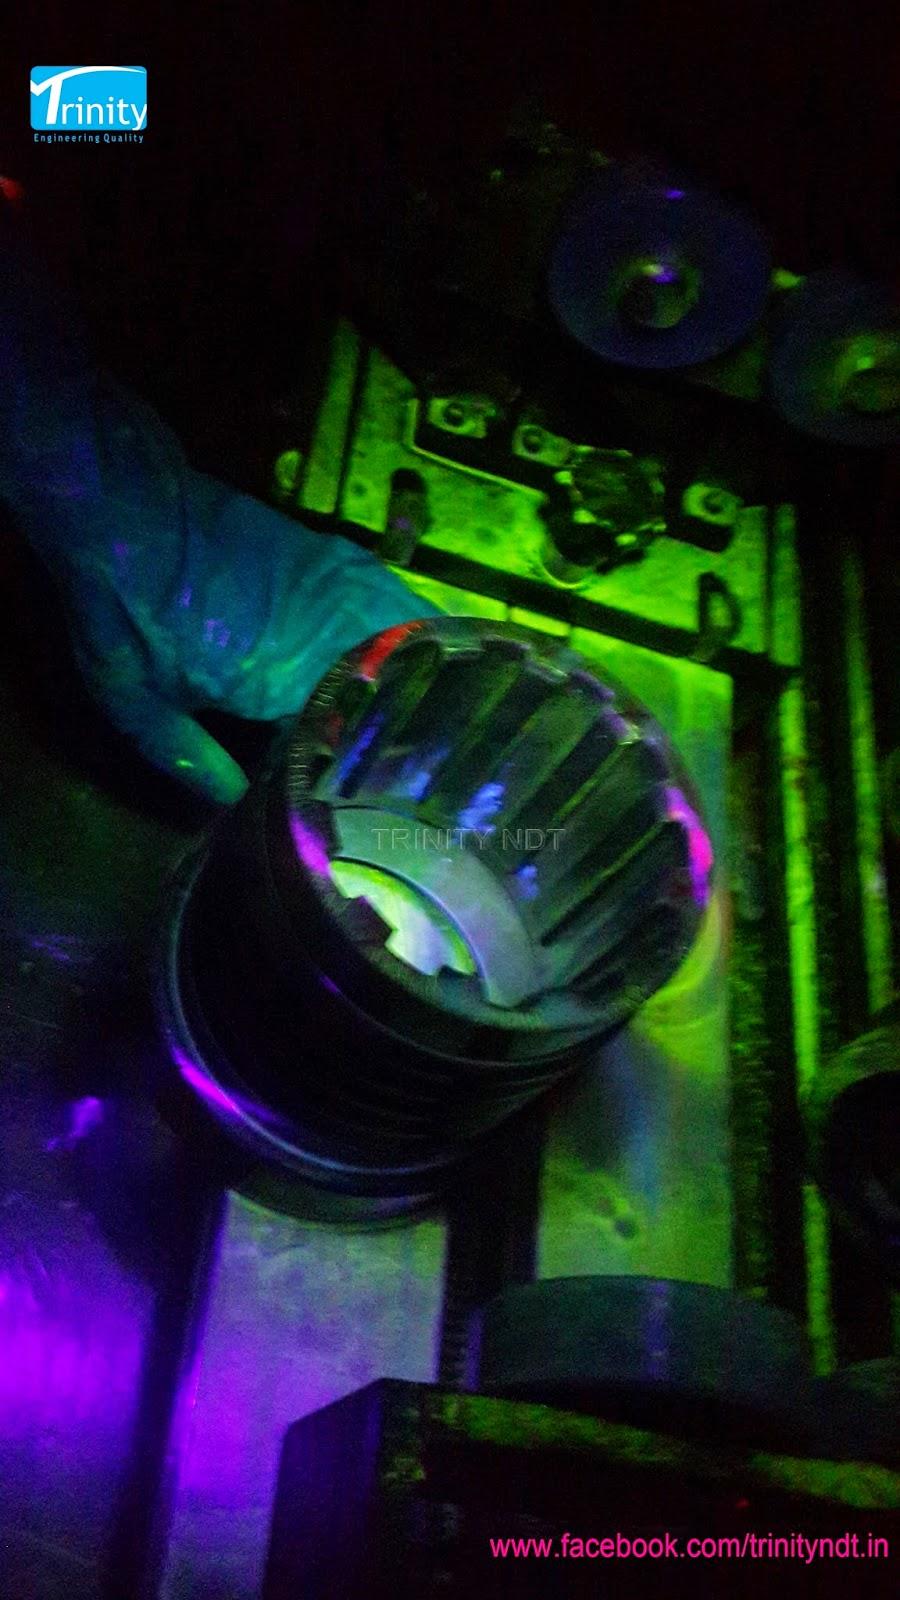 ndt welding training institute  cameroon nigeria delhi cochin chennai hyderabad mumbai